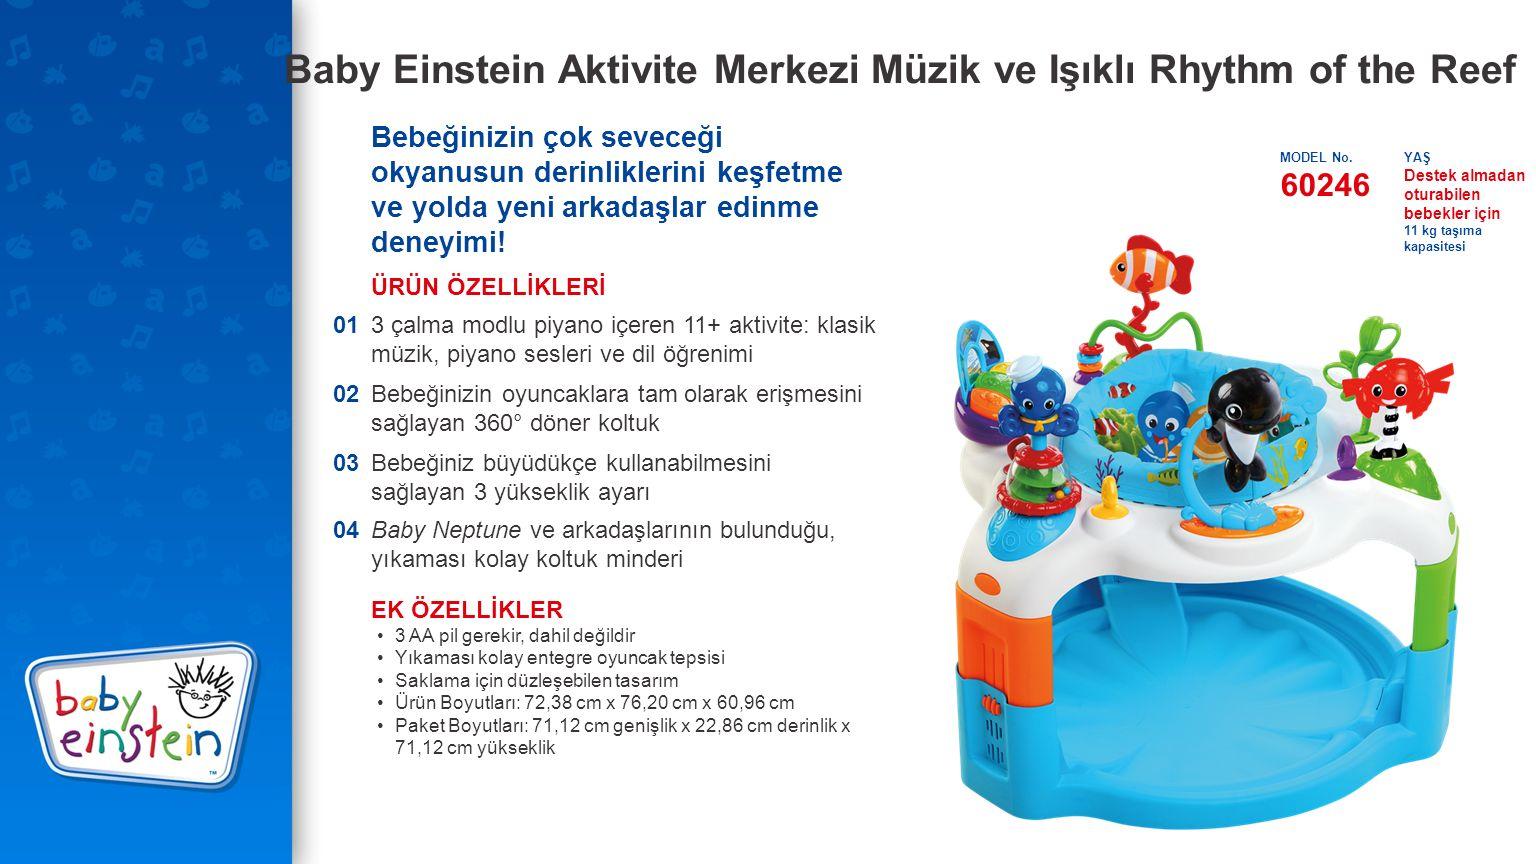 Baby Einstein Aktivite Merkezi Müzik ve Işıklı Rhythm of the Reef Bebeğinizin çok seveceği okyanusun derinliklerini keşfetme ve yolda yeni arkadaşlar